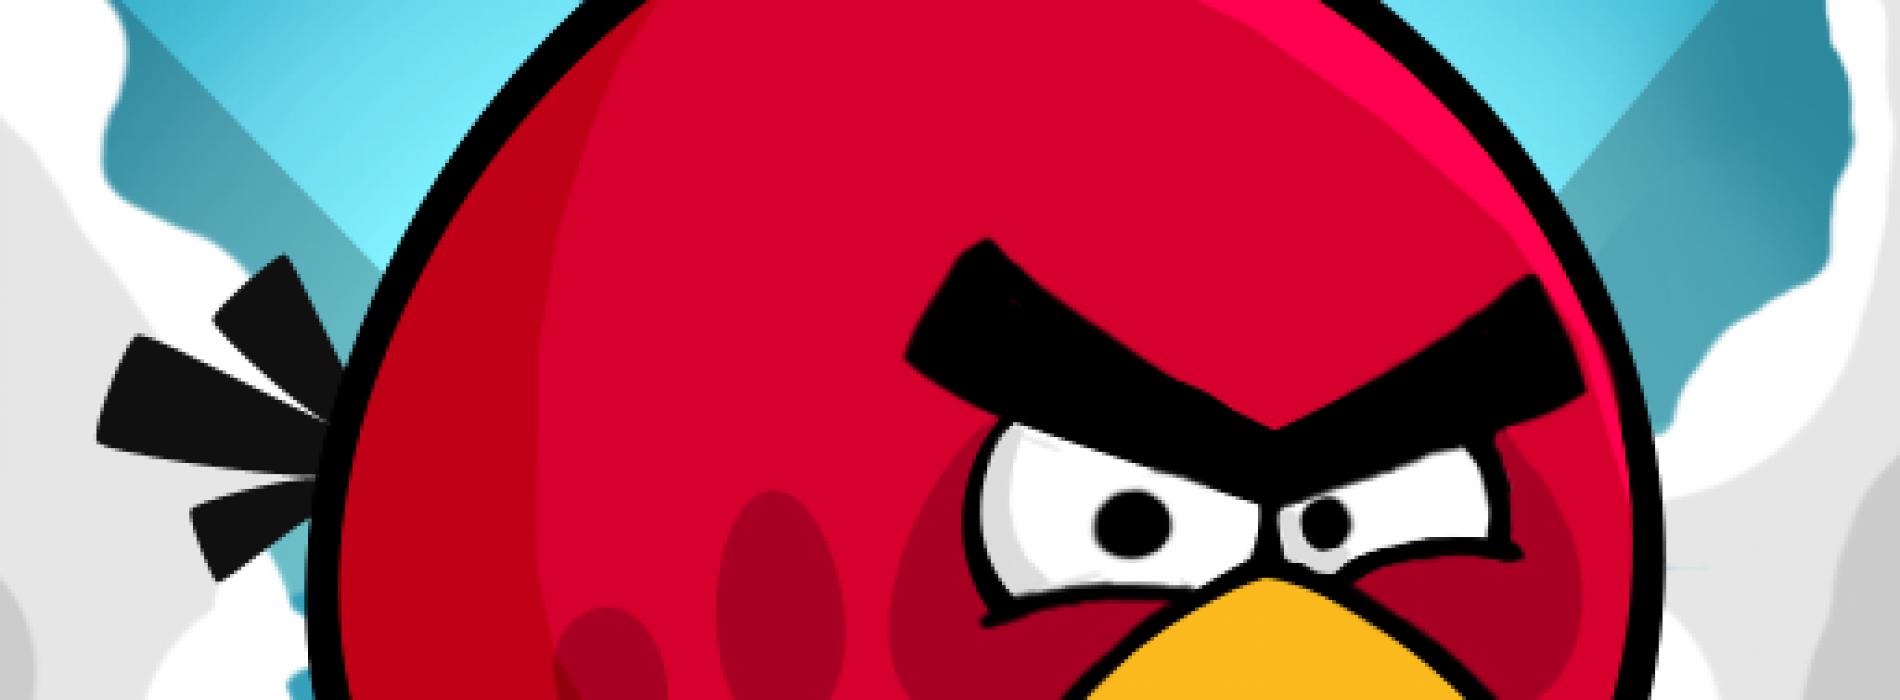 للاندرويد || لعبة angry birds كامله مع المواسم